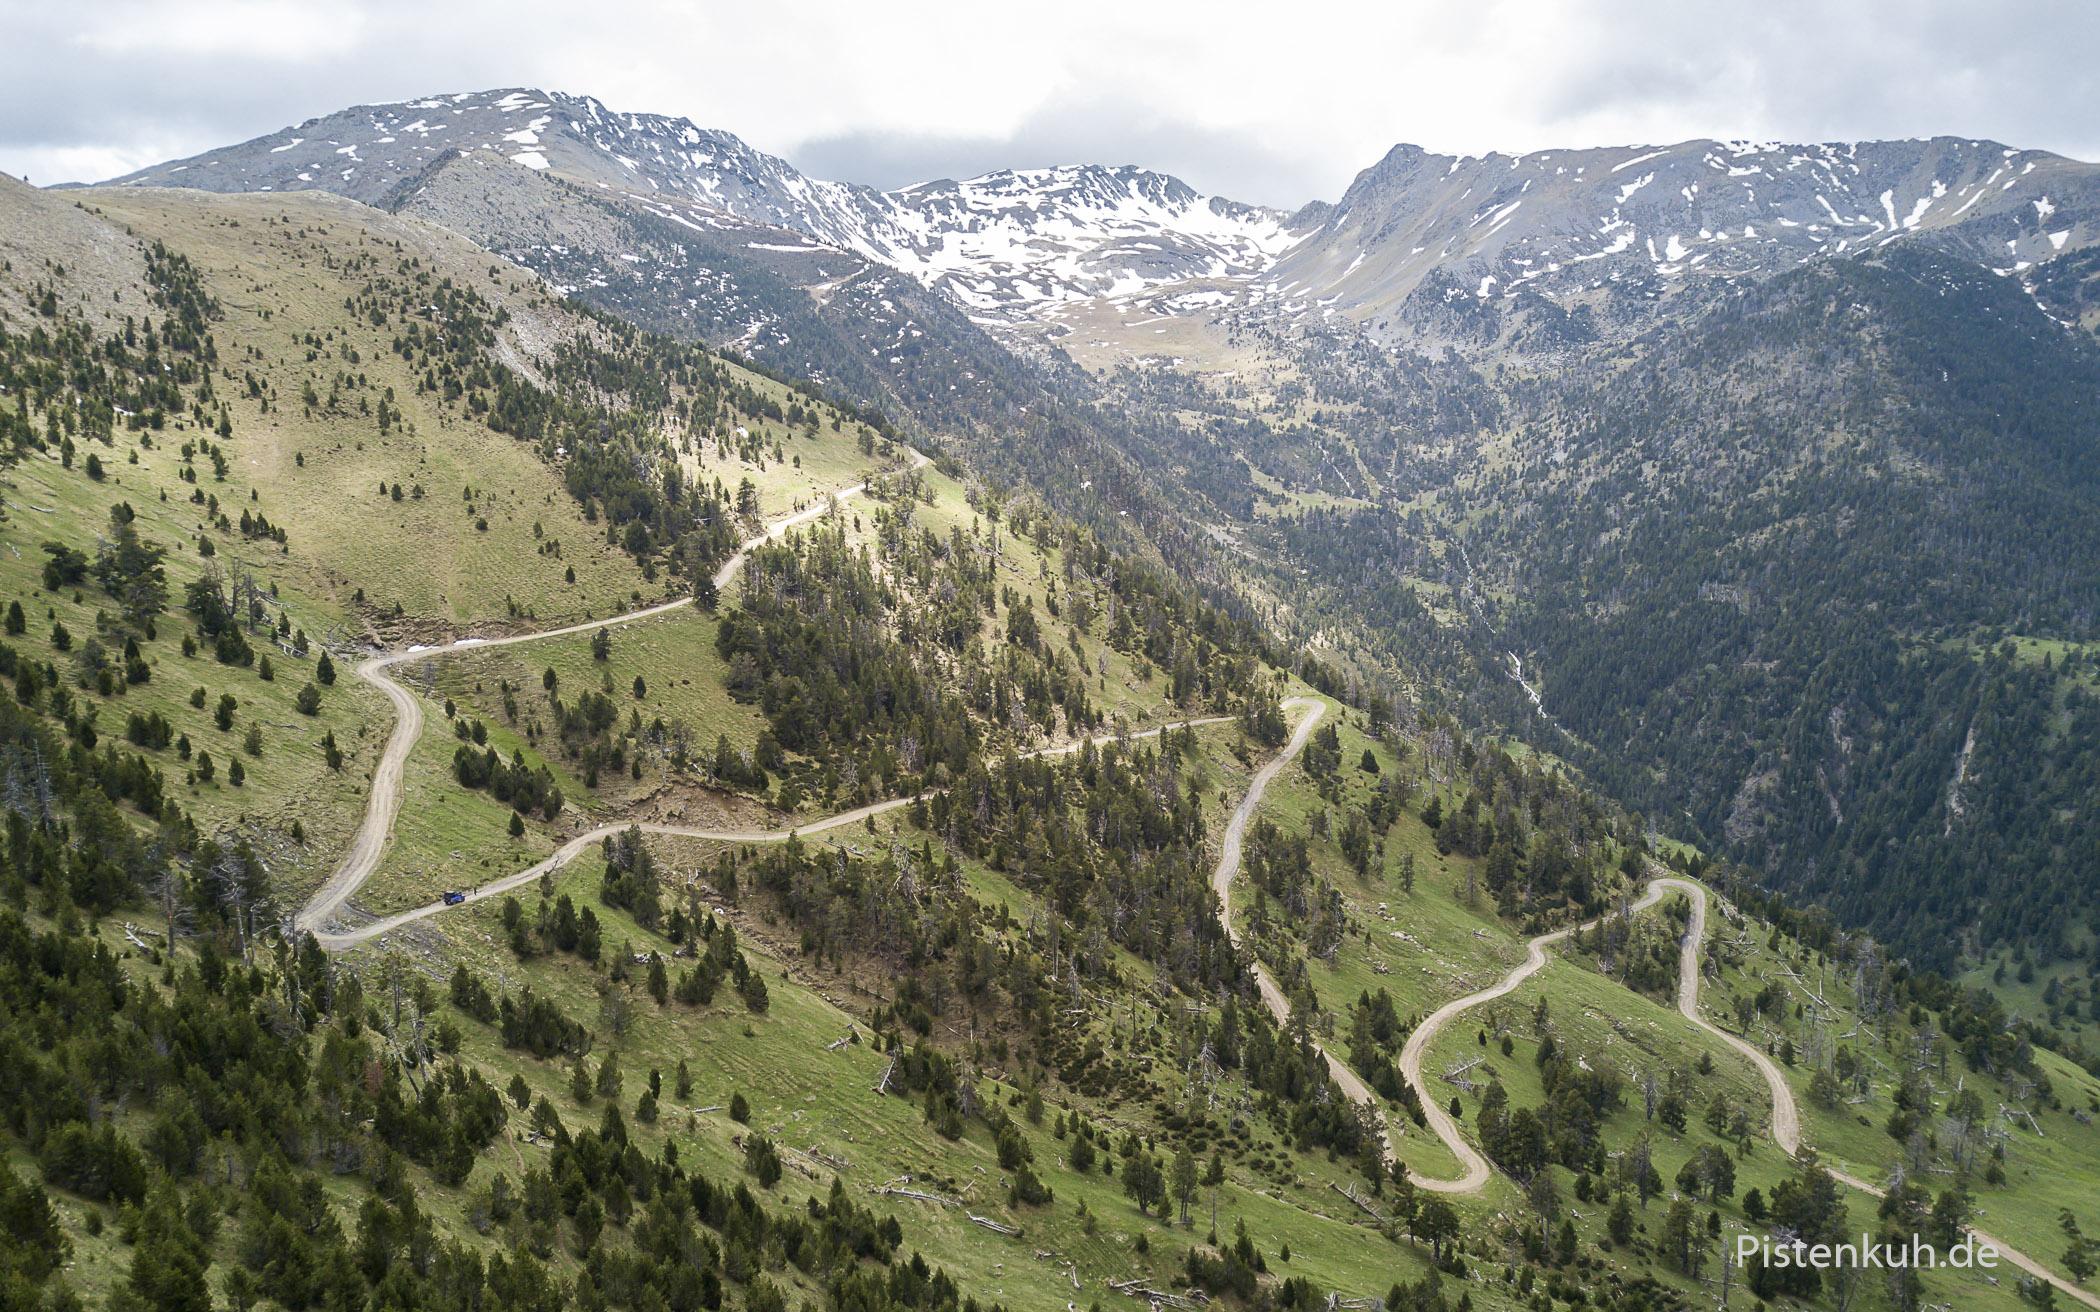 Der Weg ins Tal ist nach Regenfällen etwas rutschig.